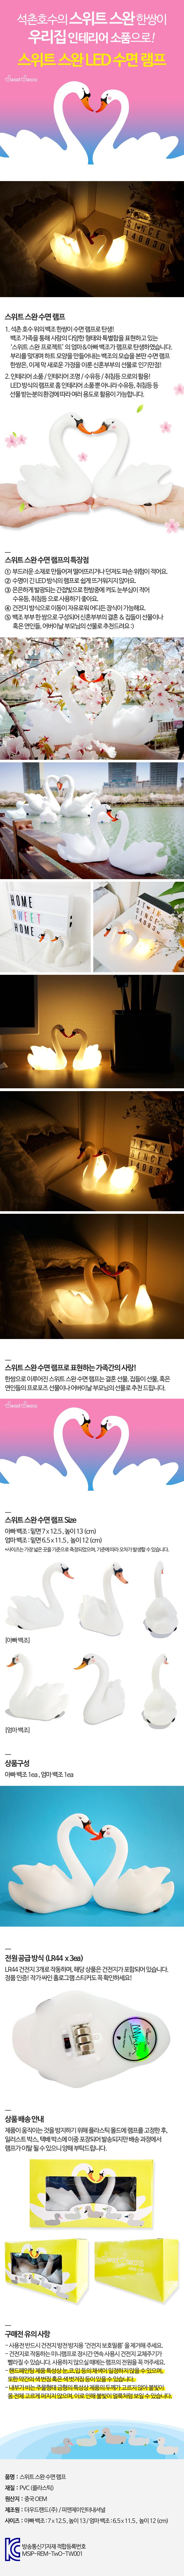 스위트 스완 LED 수면 램프 2종세트 - 더우드랜드, 22,700원, 데스크 조명, 장식용